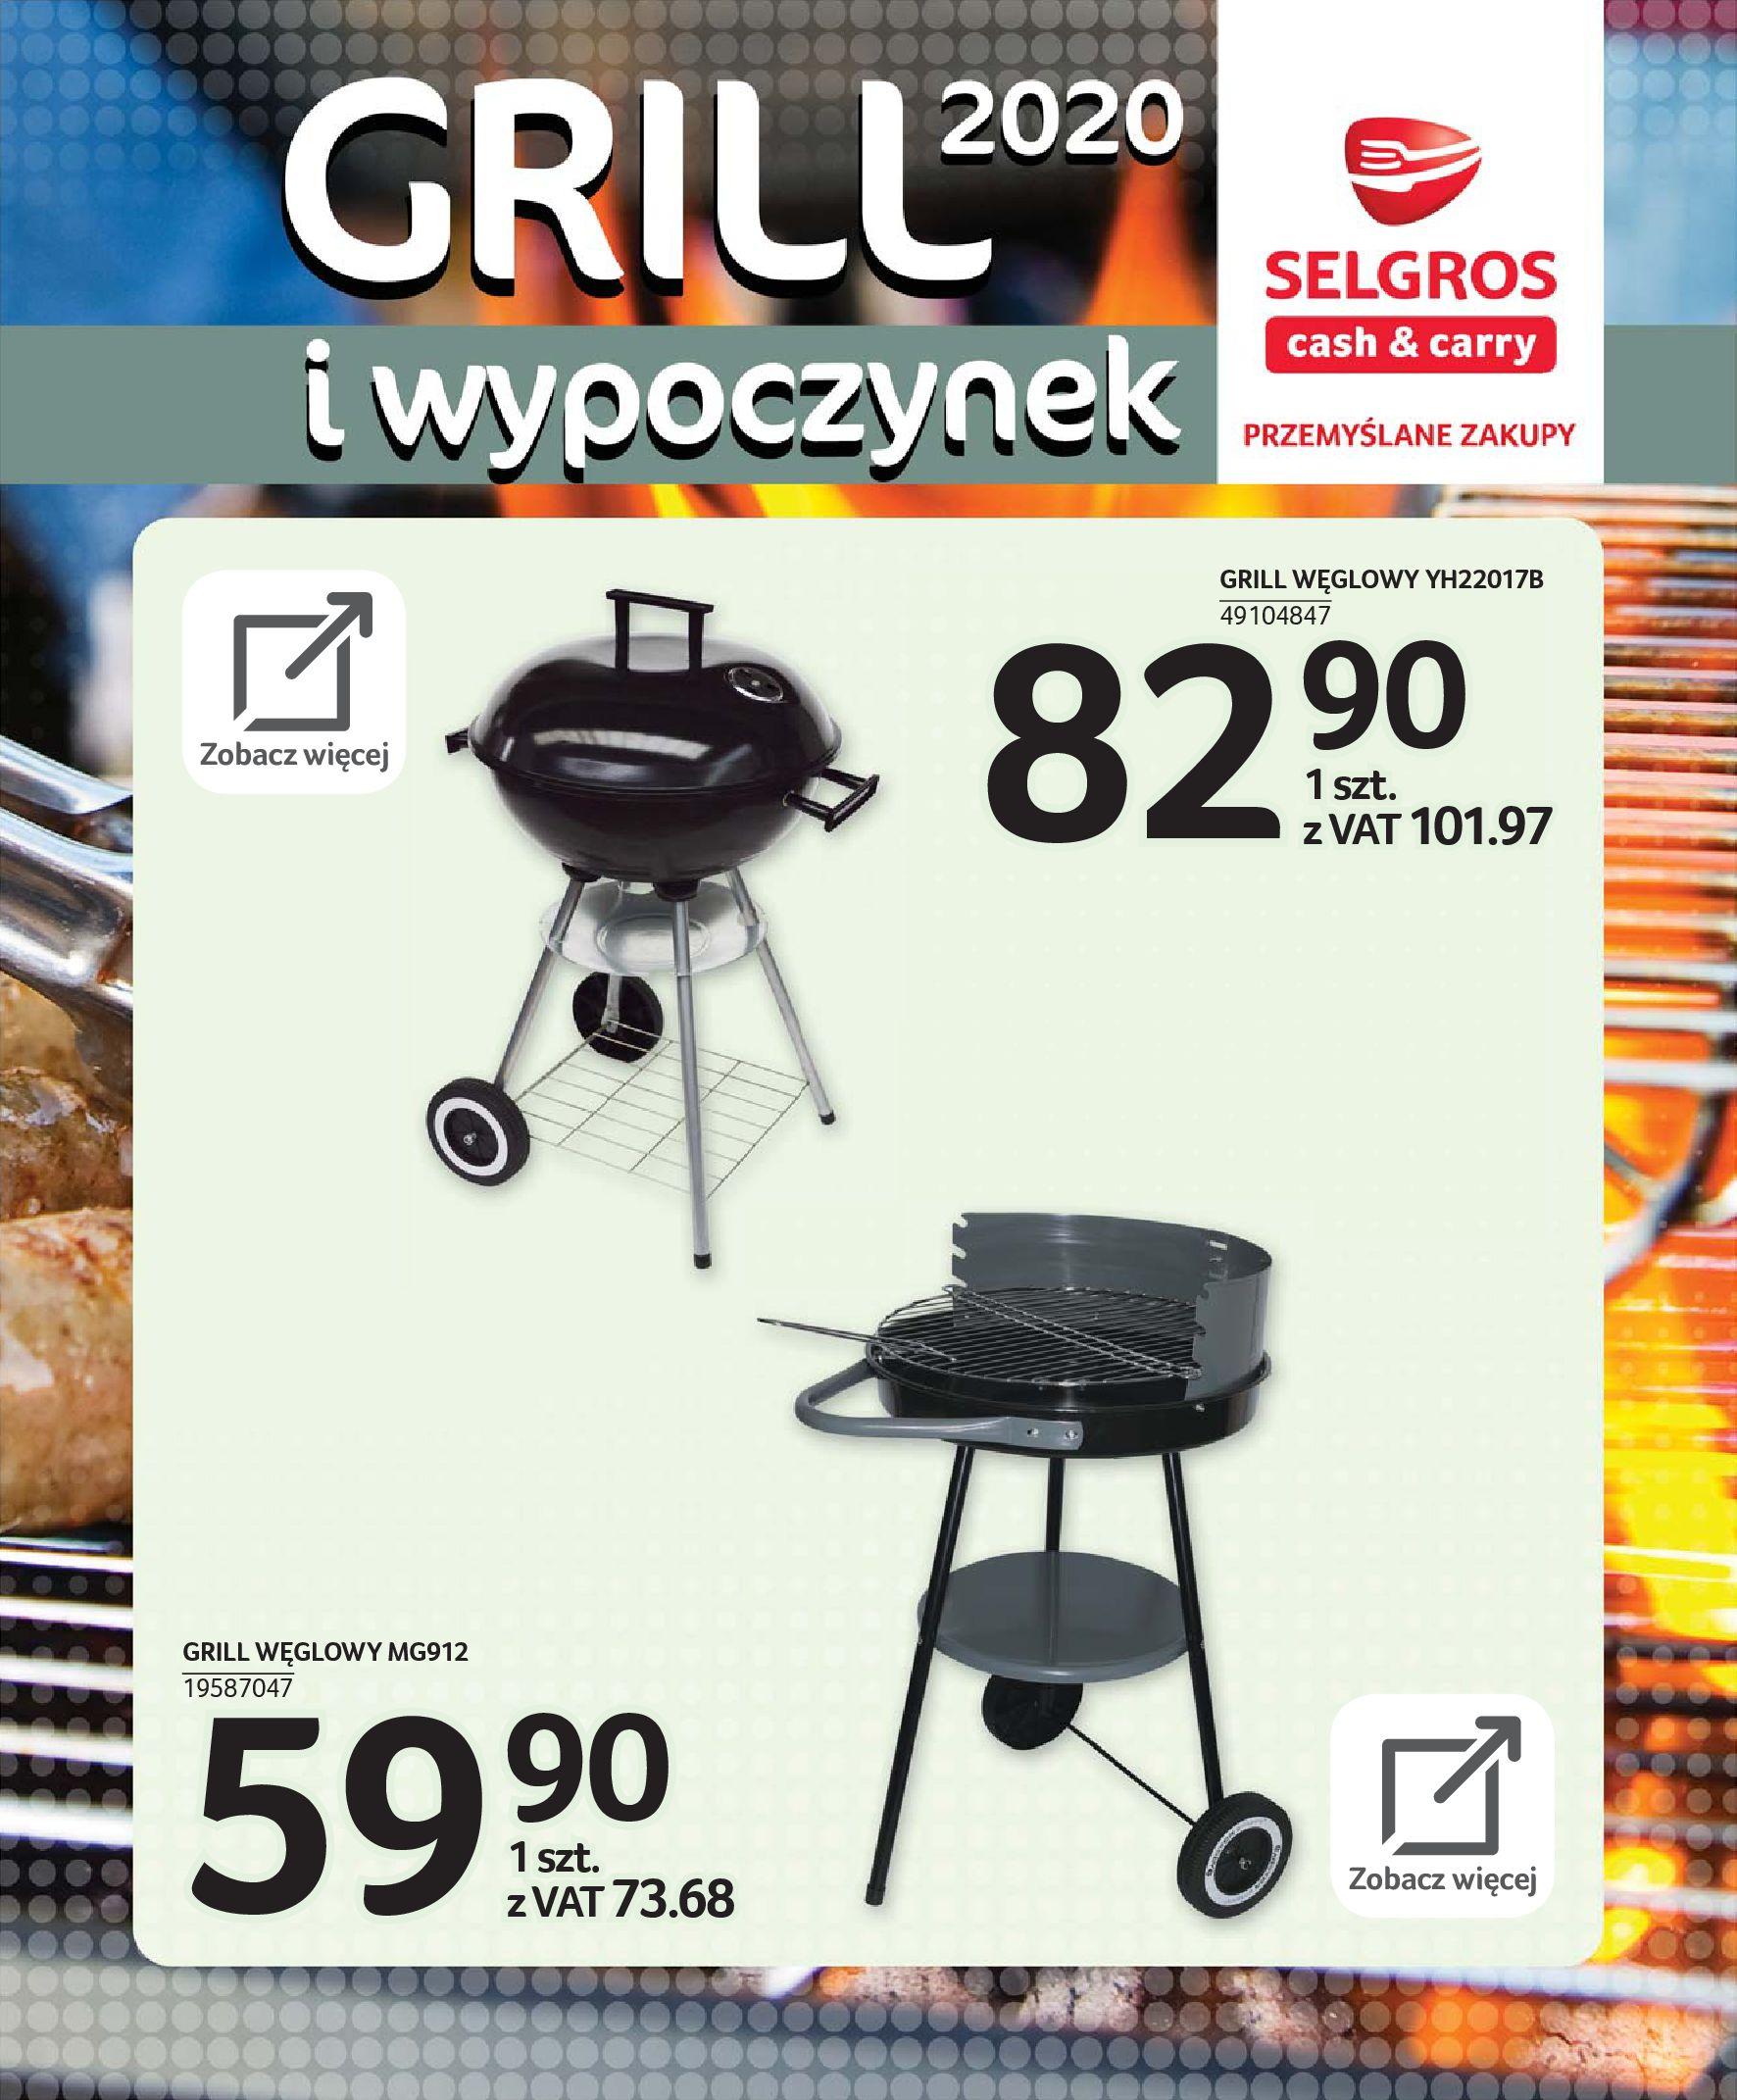 Gazetka Selgros - Katalog - Grill i wypoczynek-31.03.2020-31.08.2020-page-72